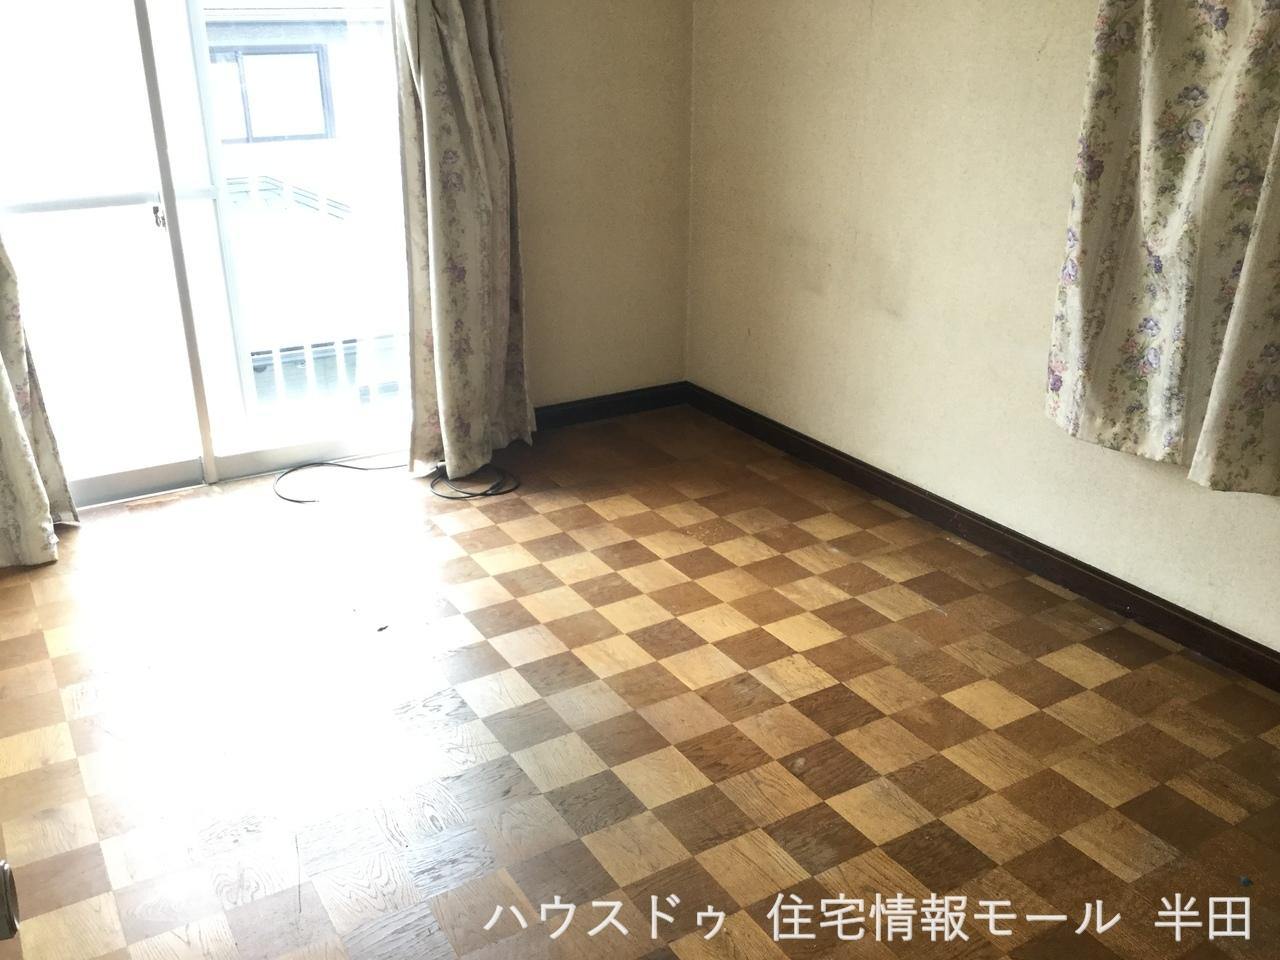 2階 6帖洋室 バルコニーに面しており 明るく使勝手の良い居室です 子供部屋として 書斎として マルチに対応できる居室です